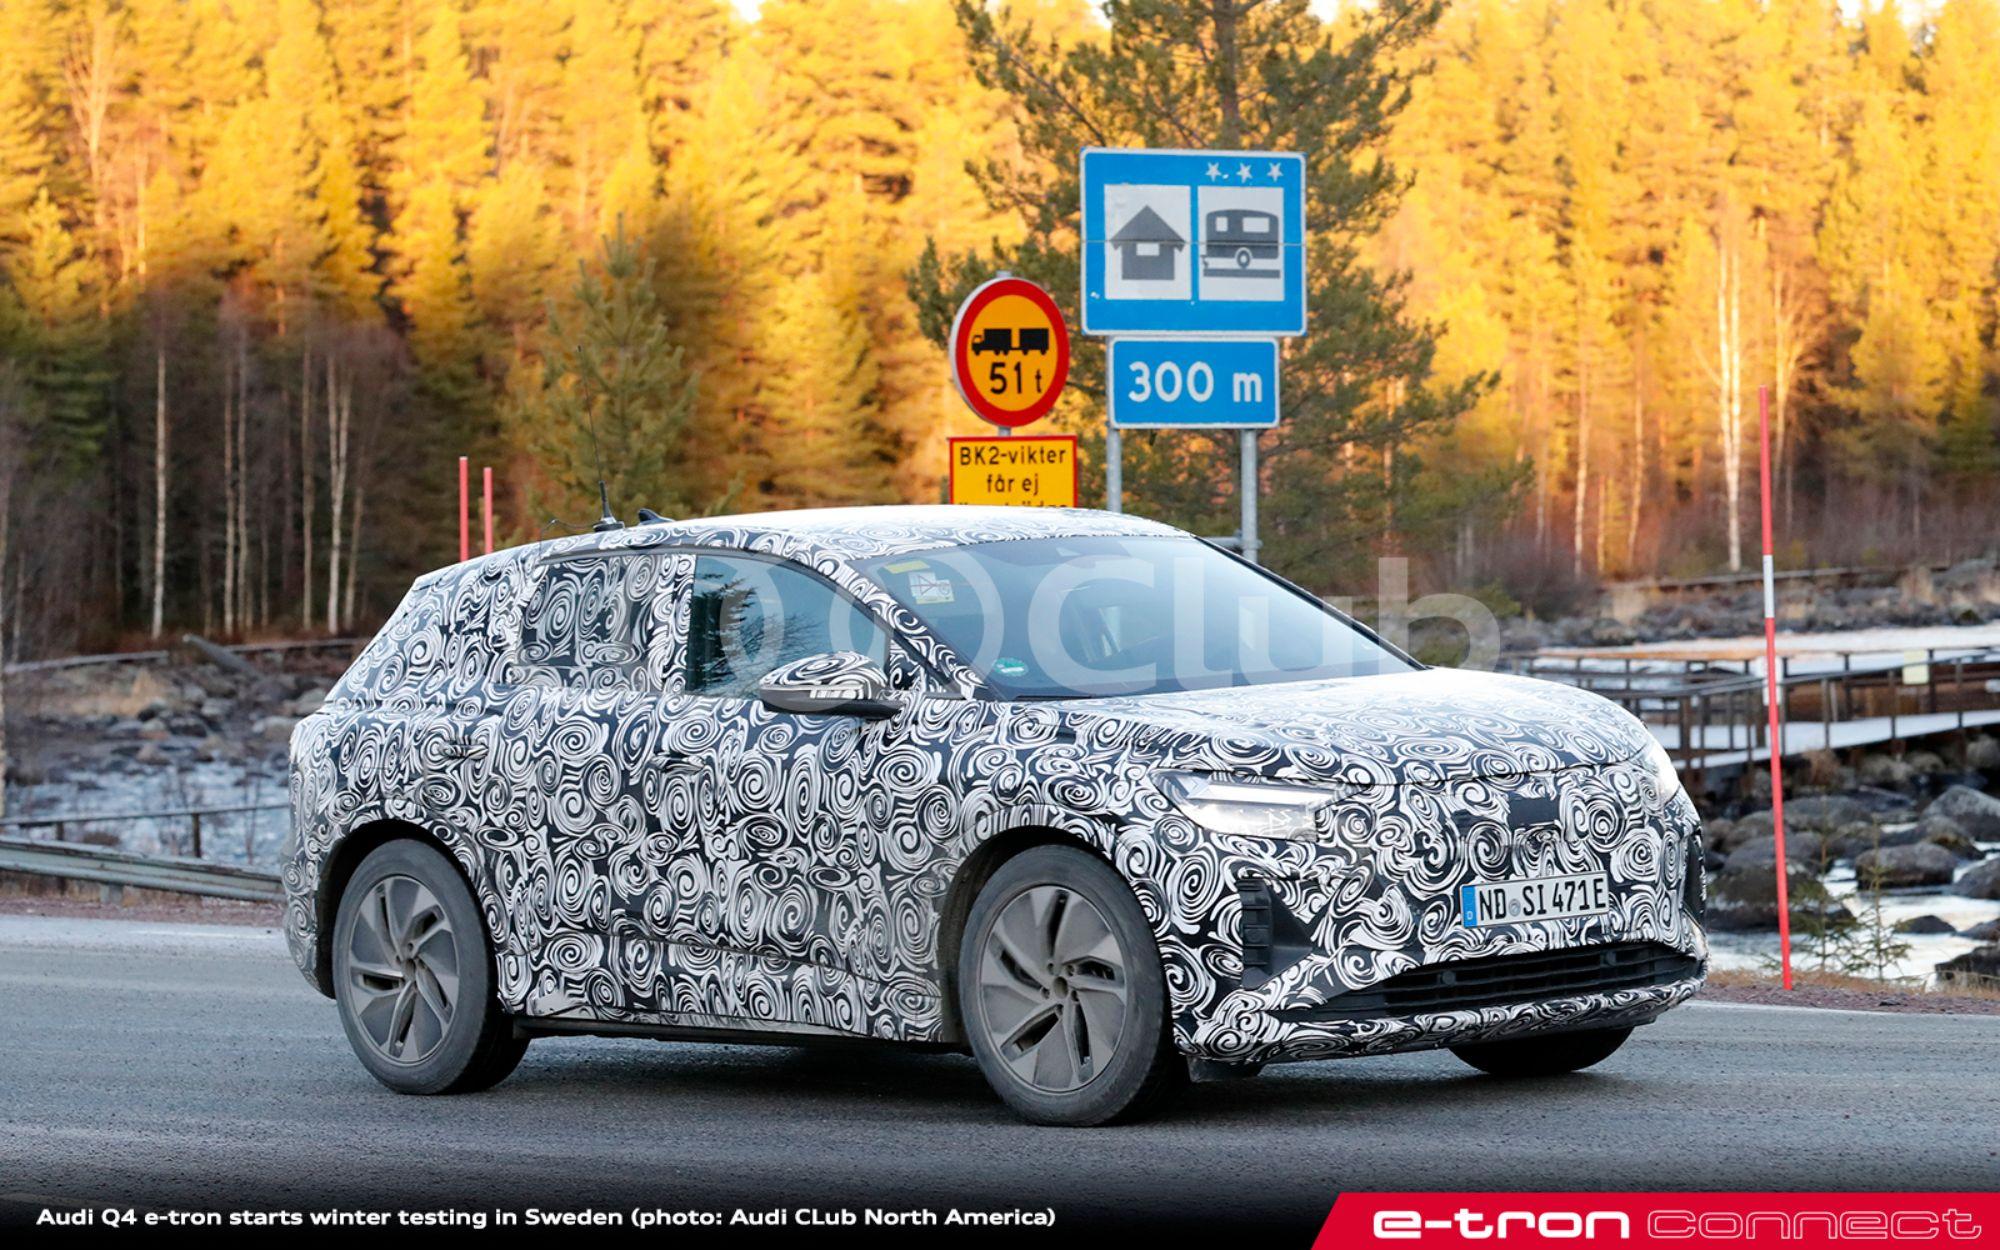 Audi Q4 e-tron Sweden 4 - e-tron connect